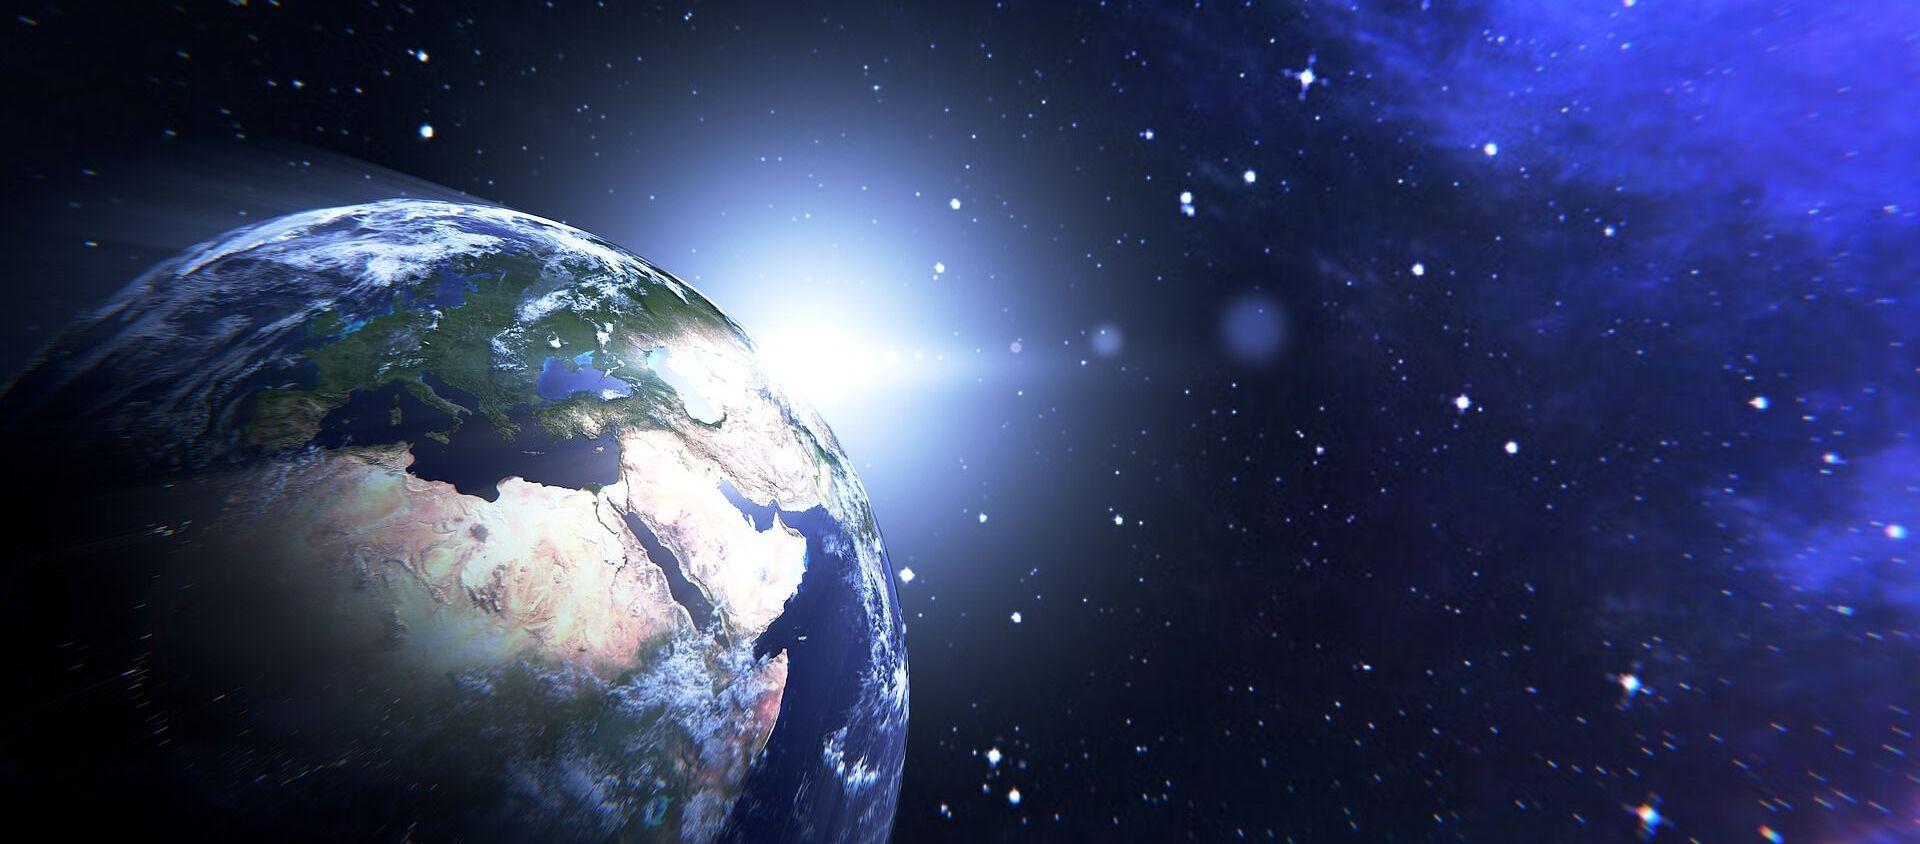 Hành tinh trái đất trong không gian - Sputnik Việt Nam, 1920, 12.10.2020